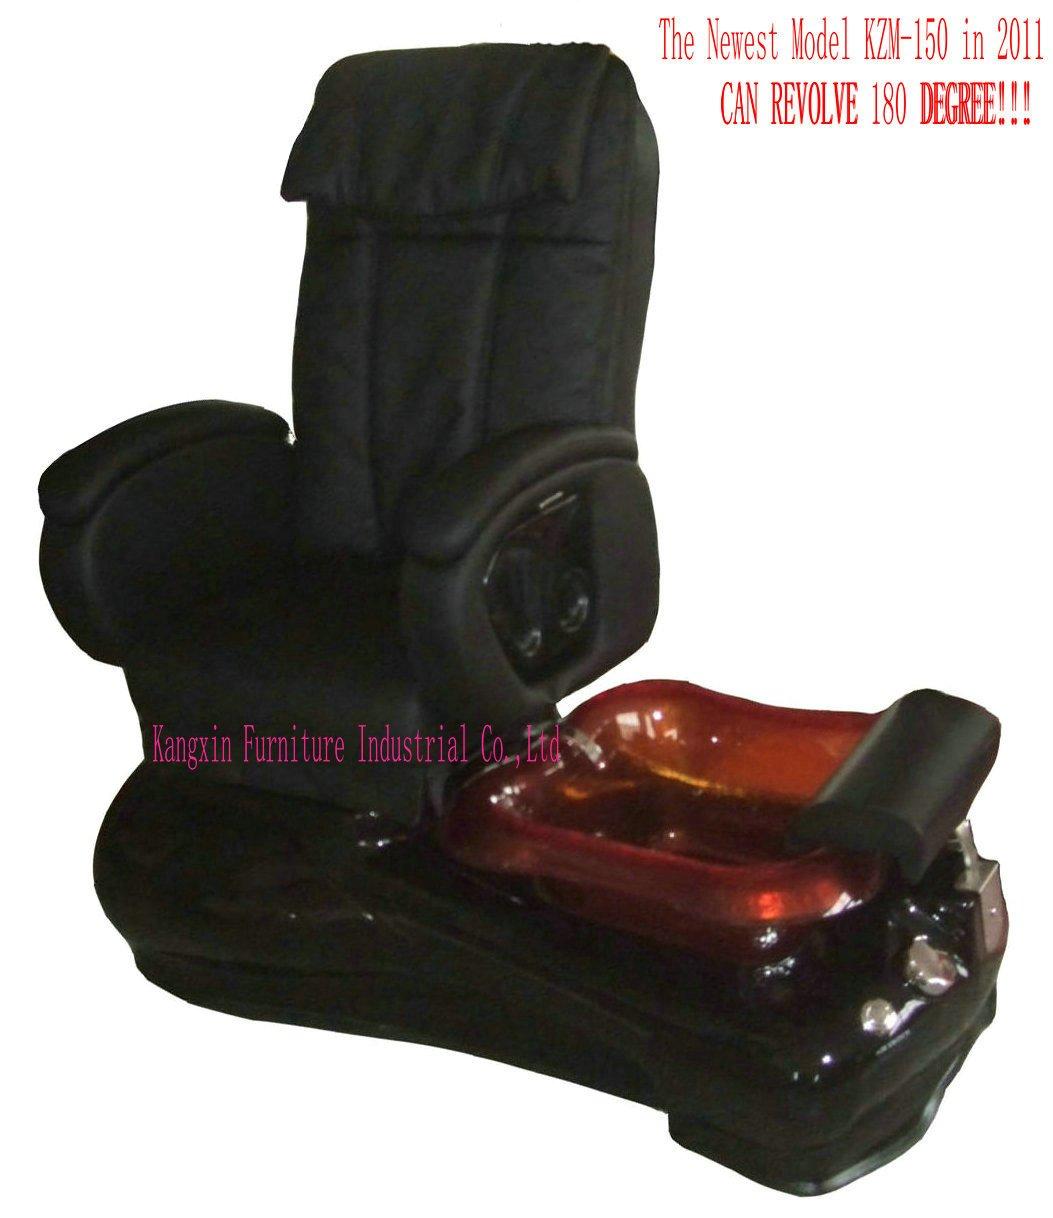 salão mais novo modelo massagem nos pés spa pedicure cadeira kzm-s150 da massagem elétrica controlador, giram 180 graus, pode ser uma poltrona(China (Mainland))